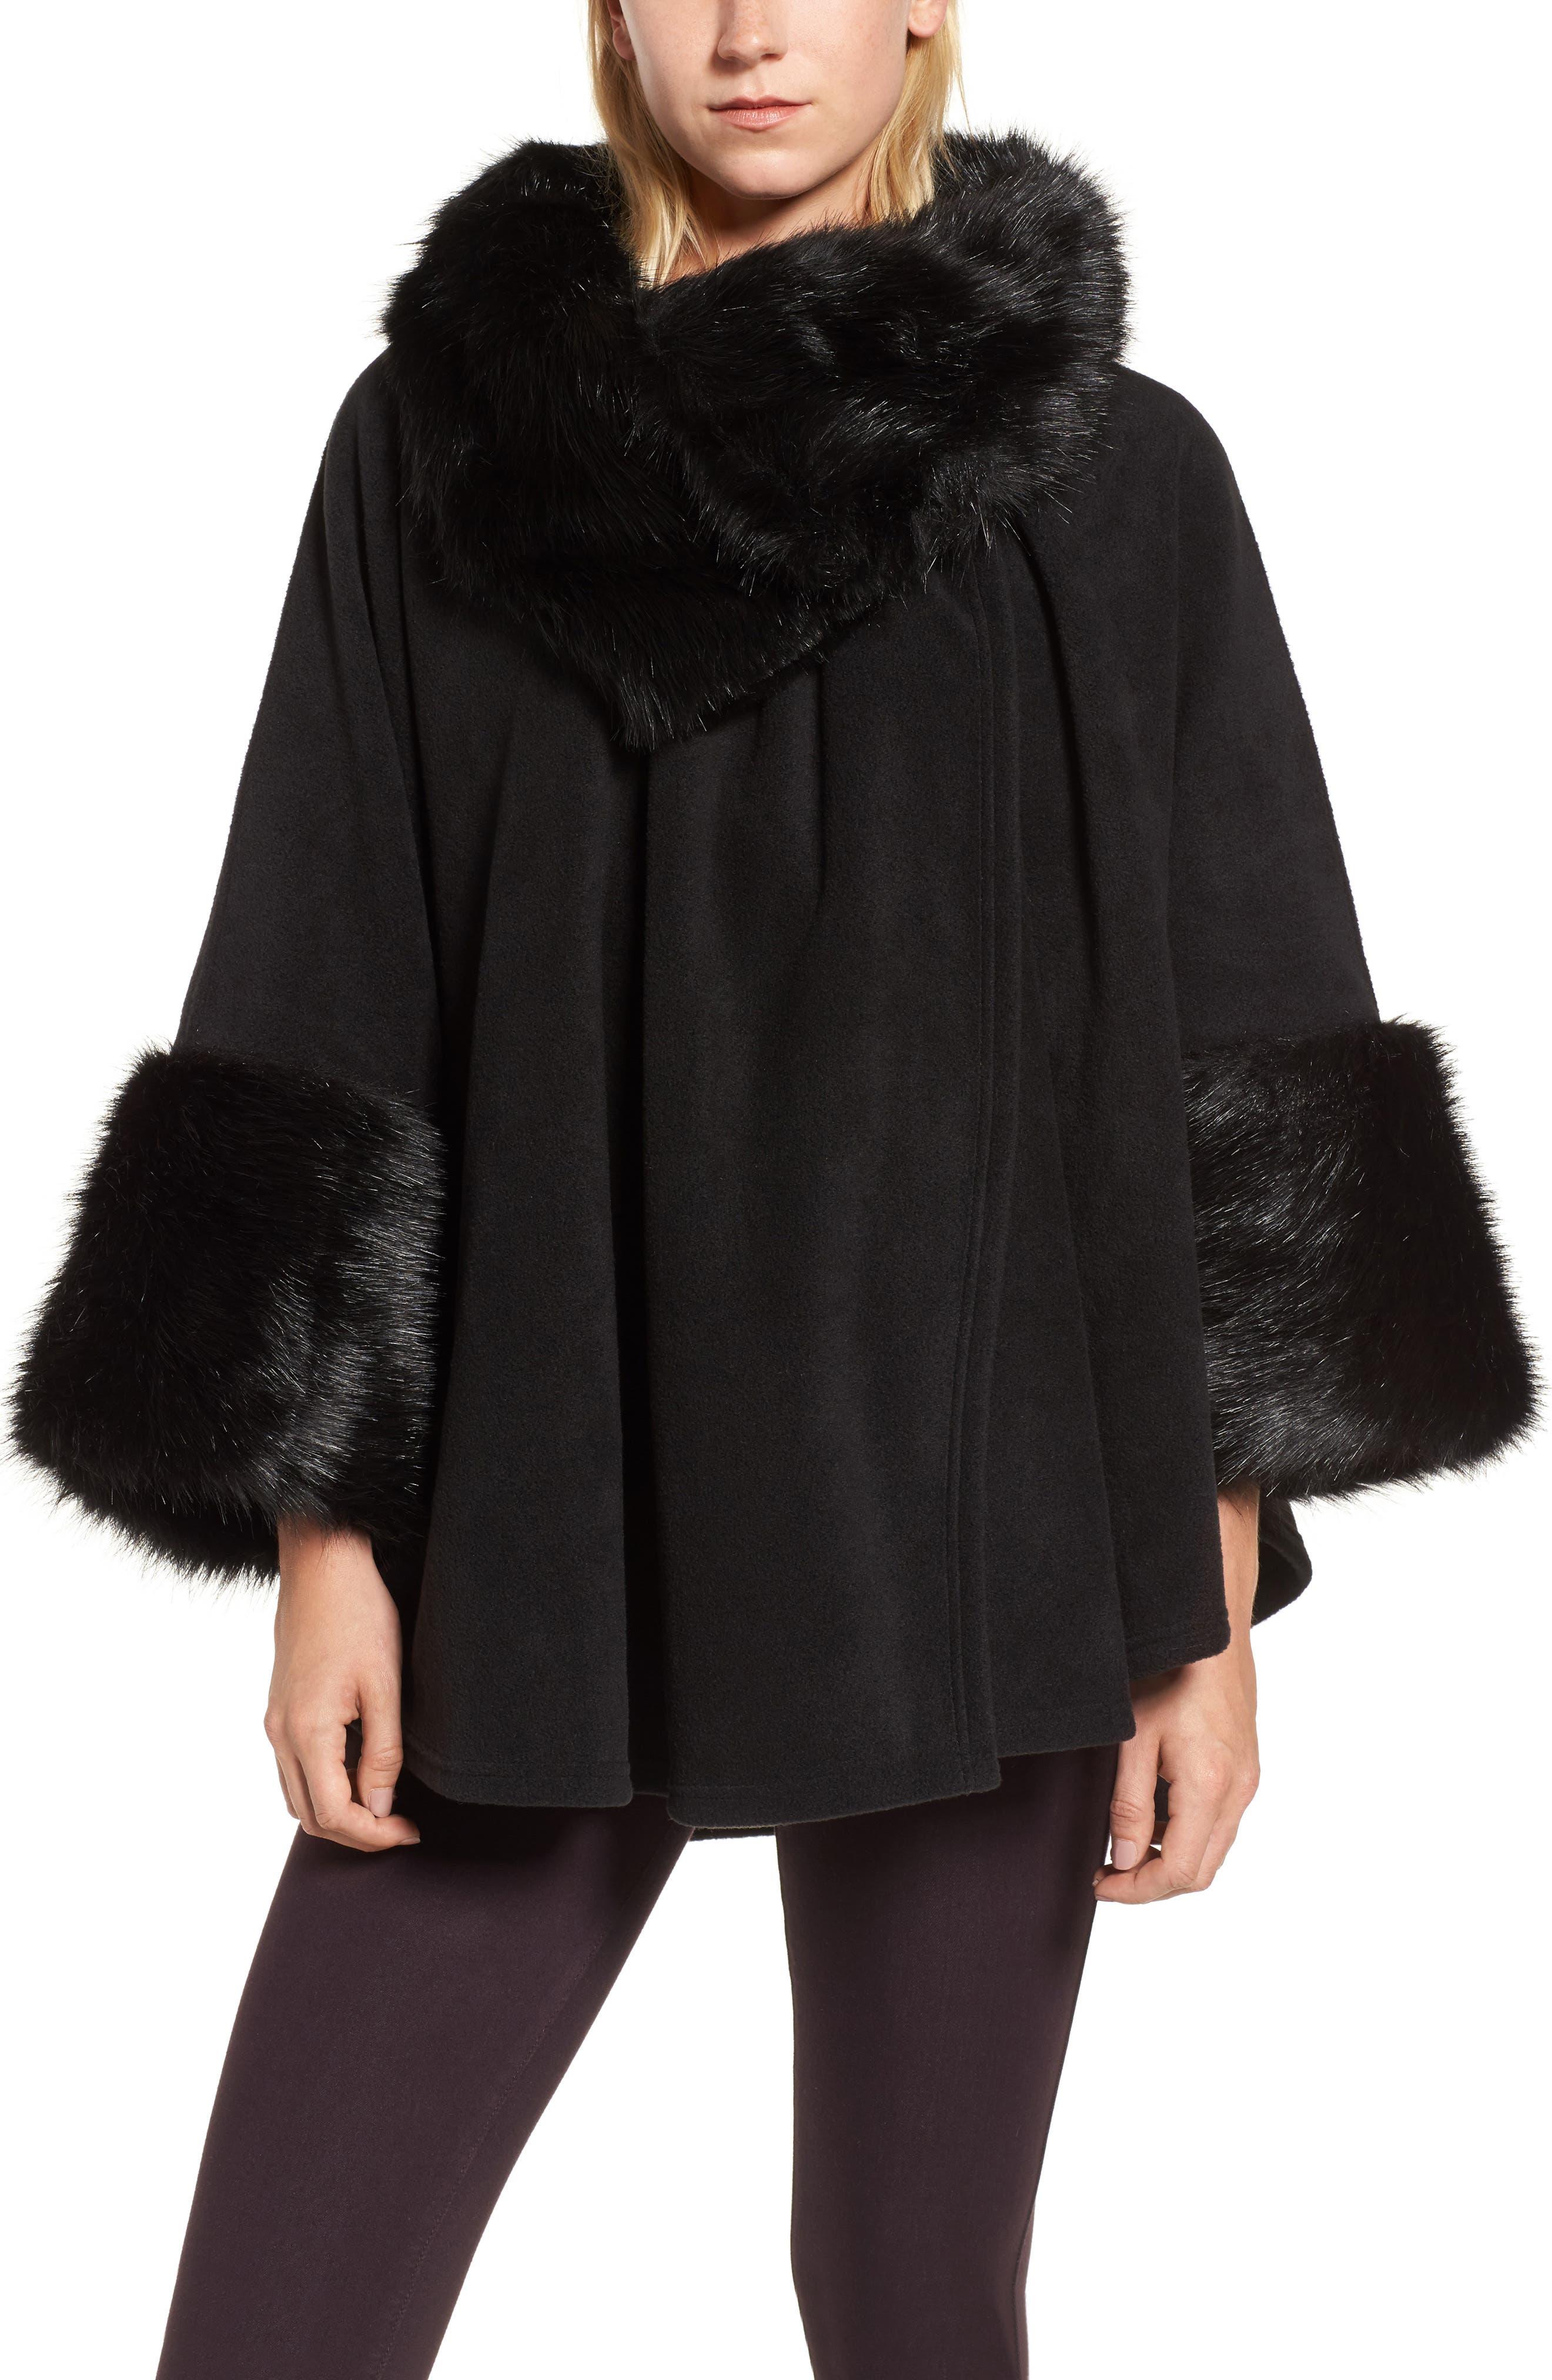 Chelsea Cape with Faux Fur Trim,                             Main thumbnail 1, color,                             Black/ Black Mink